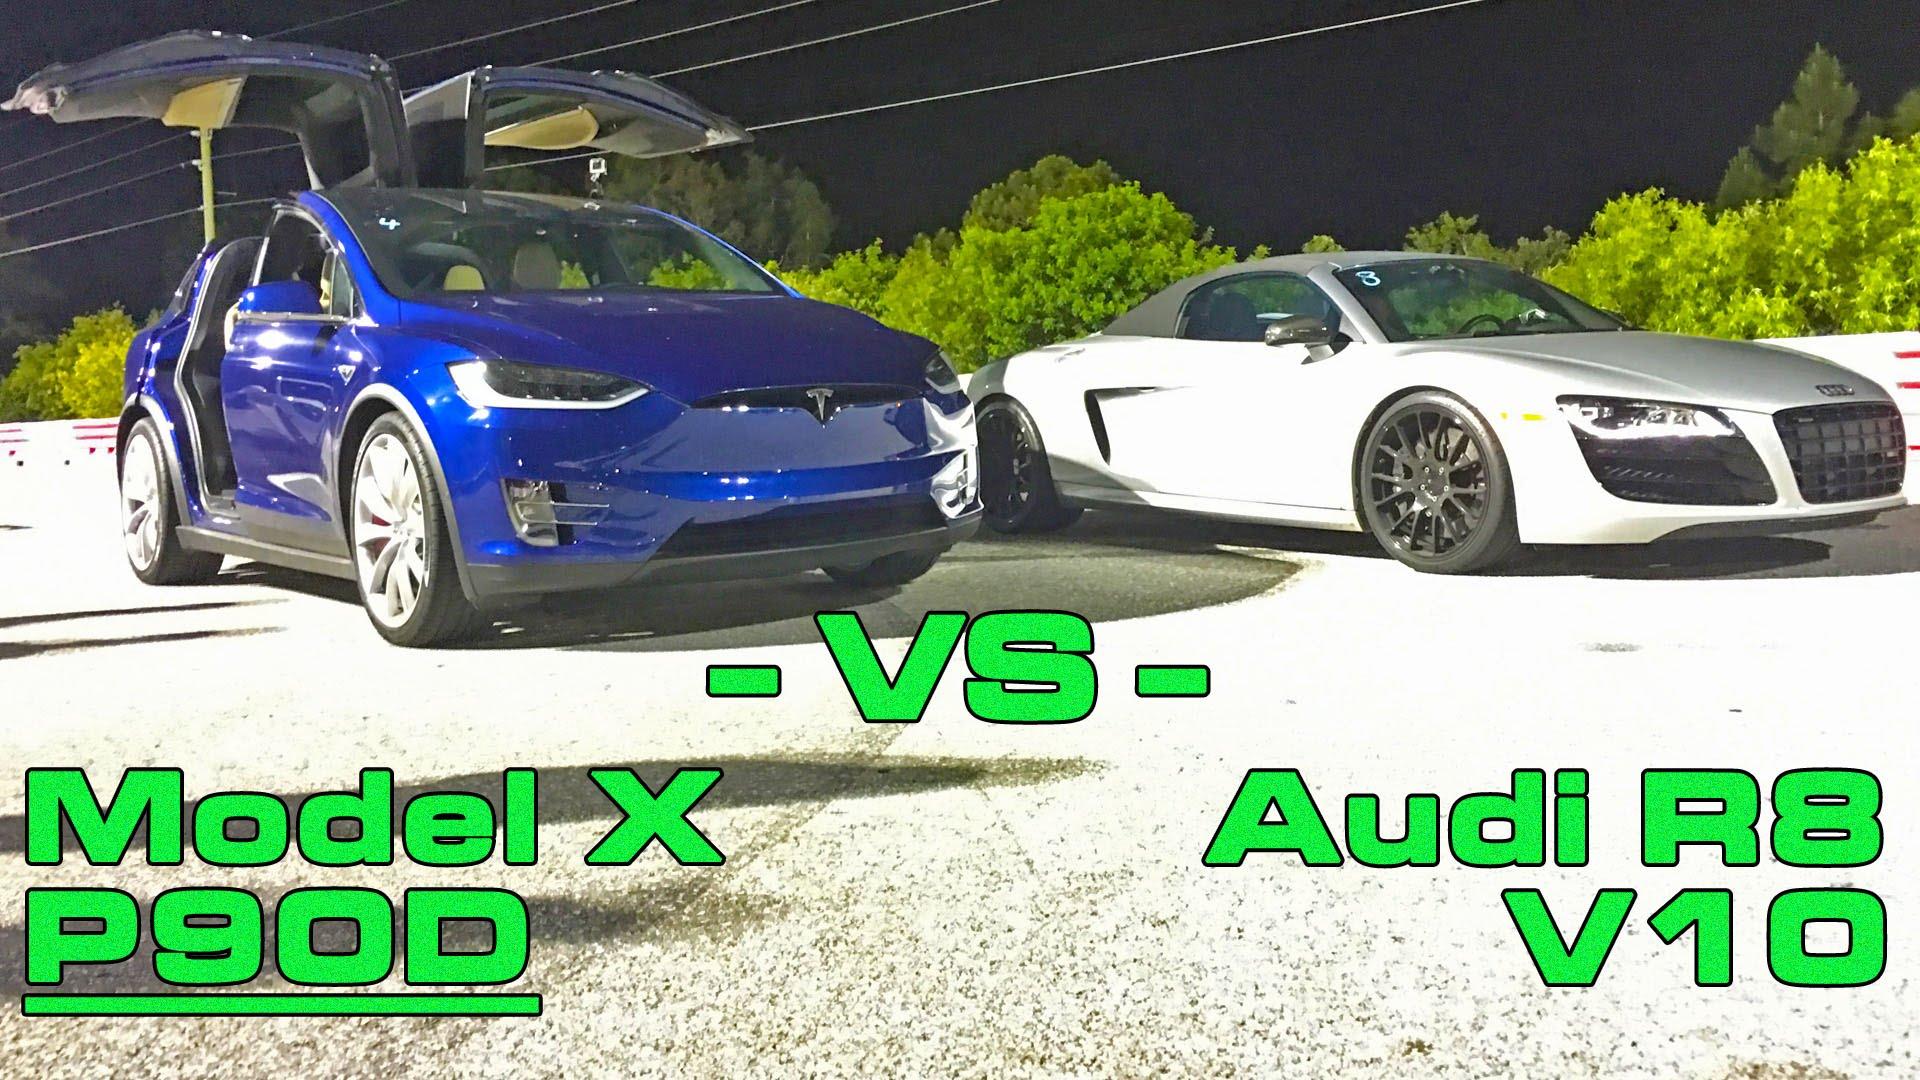 Tesla-Model-X-vs-Audi-R8-V10